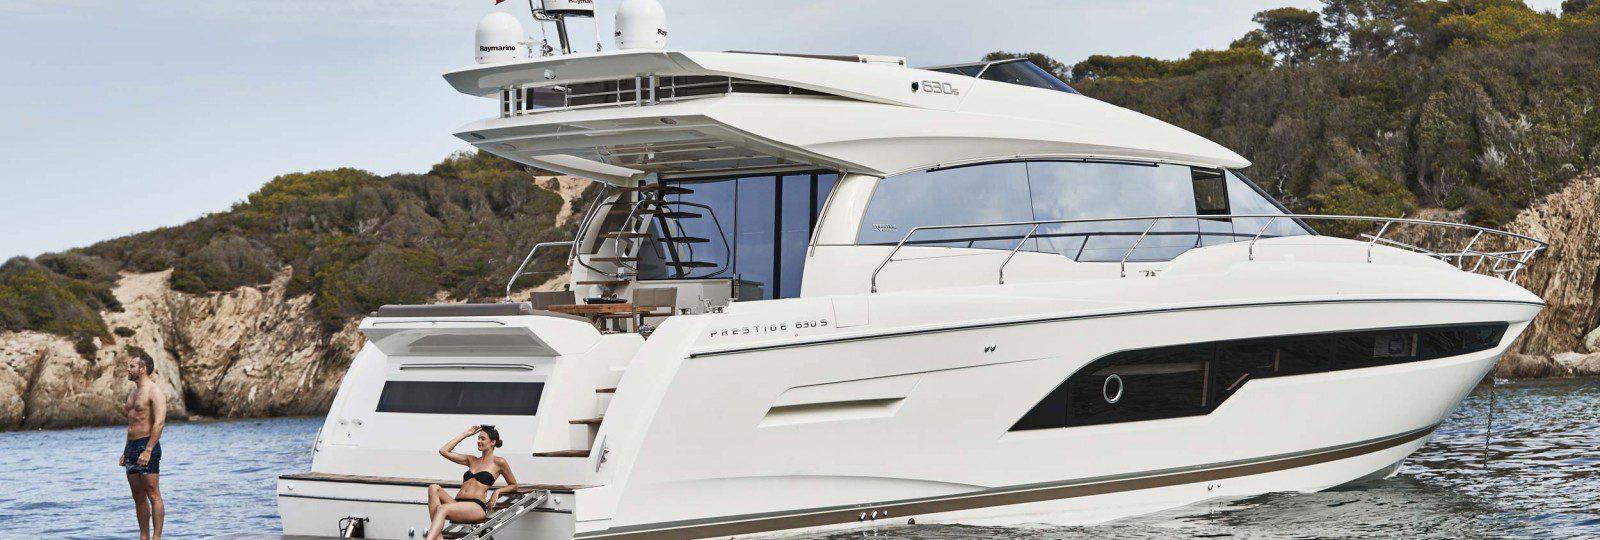 Prestige Yachts 630s at anchor